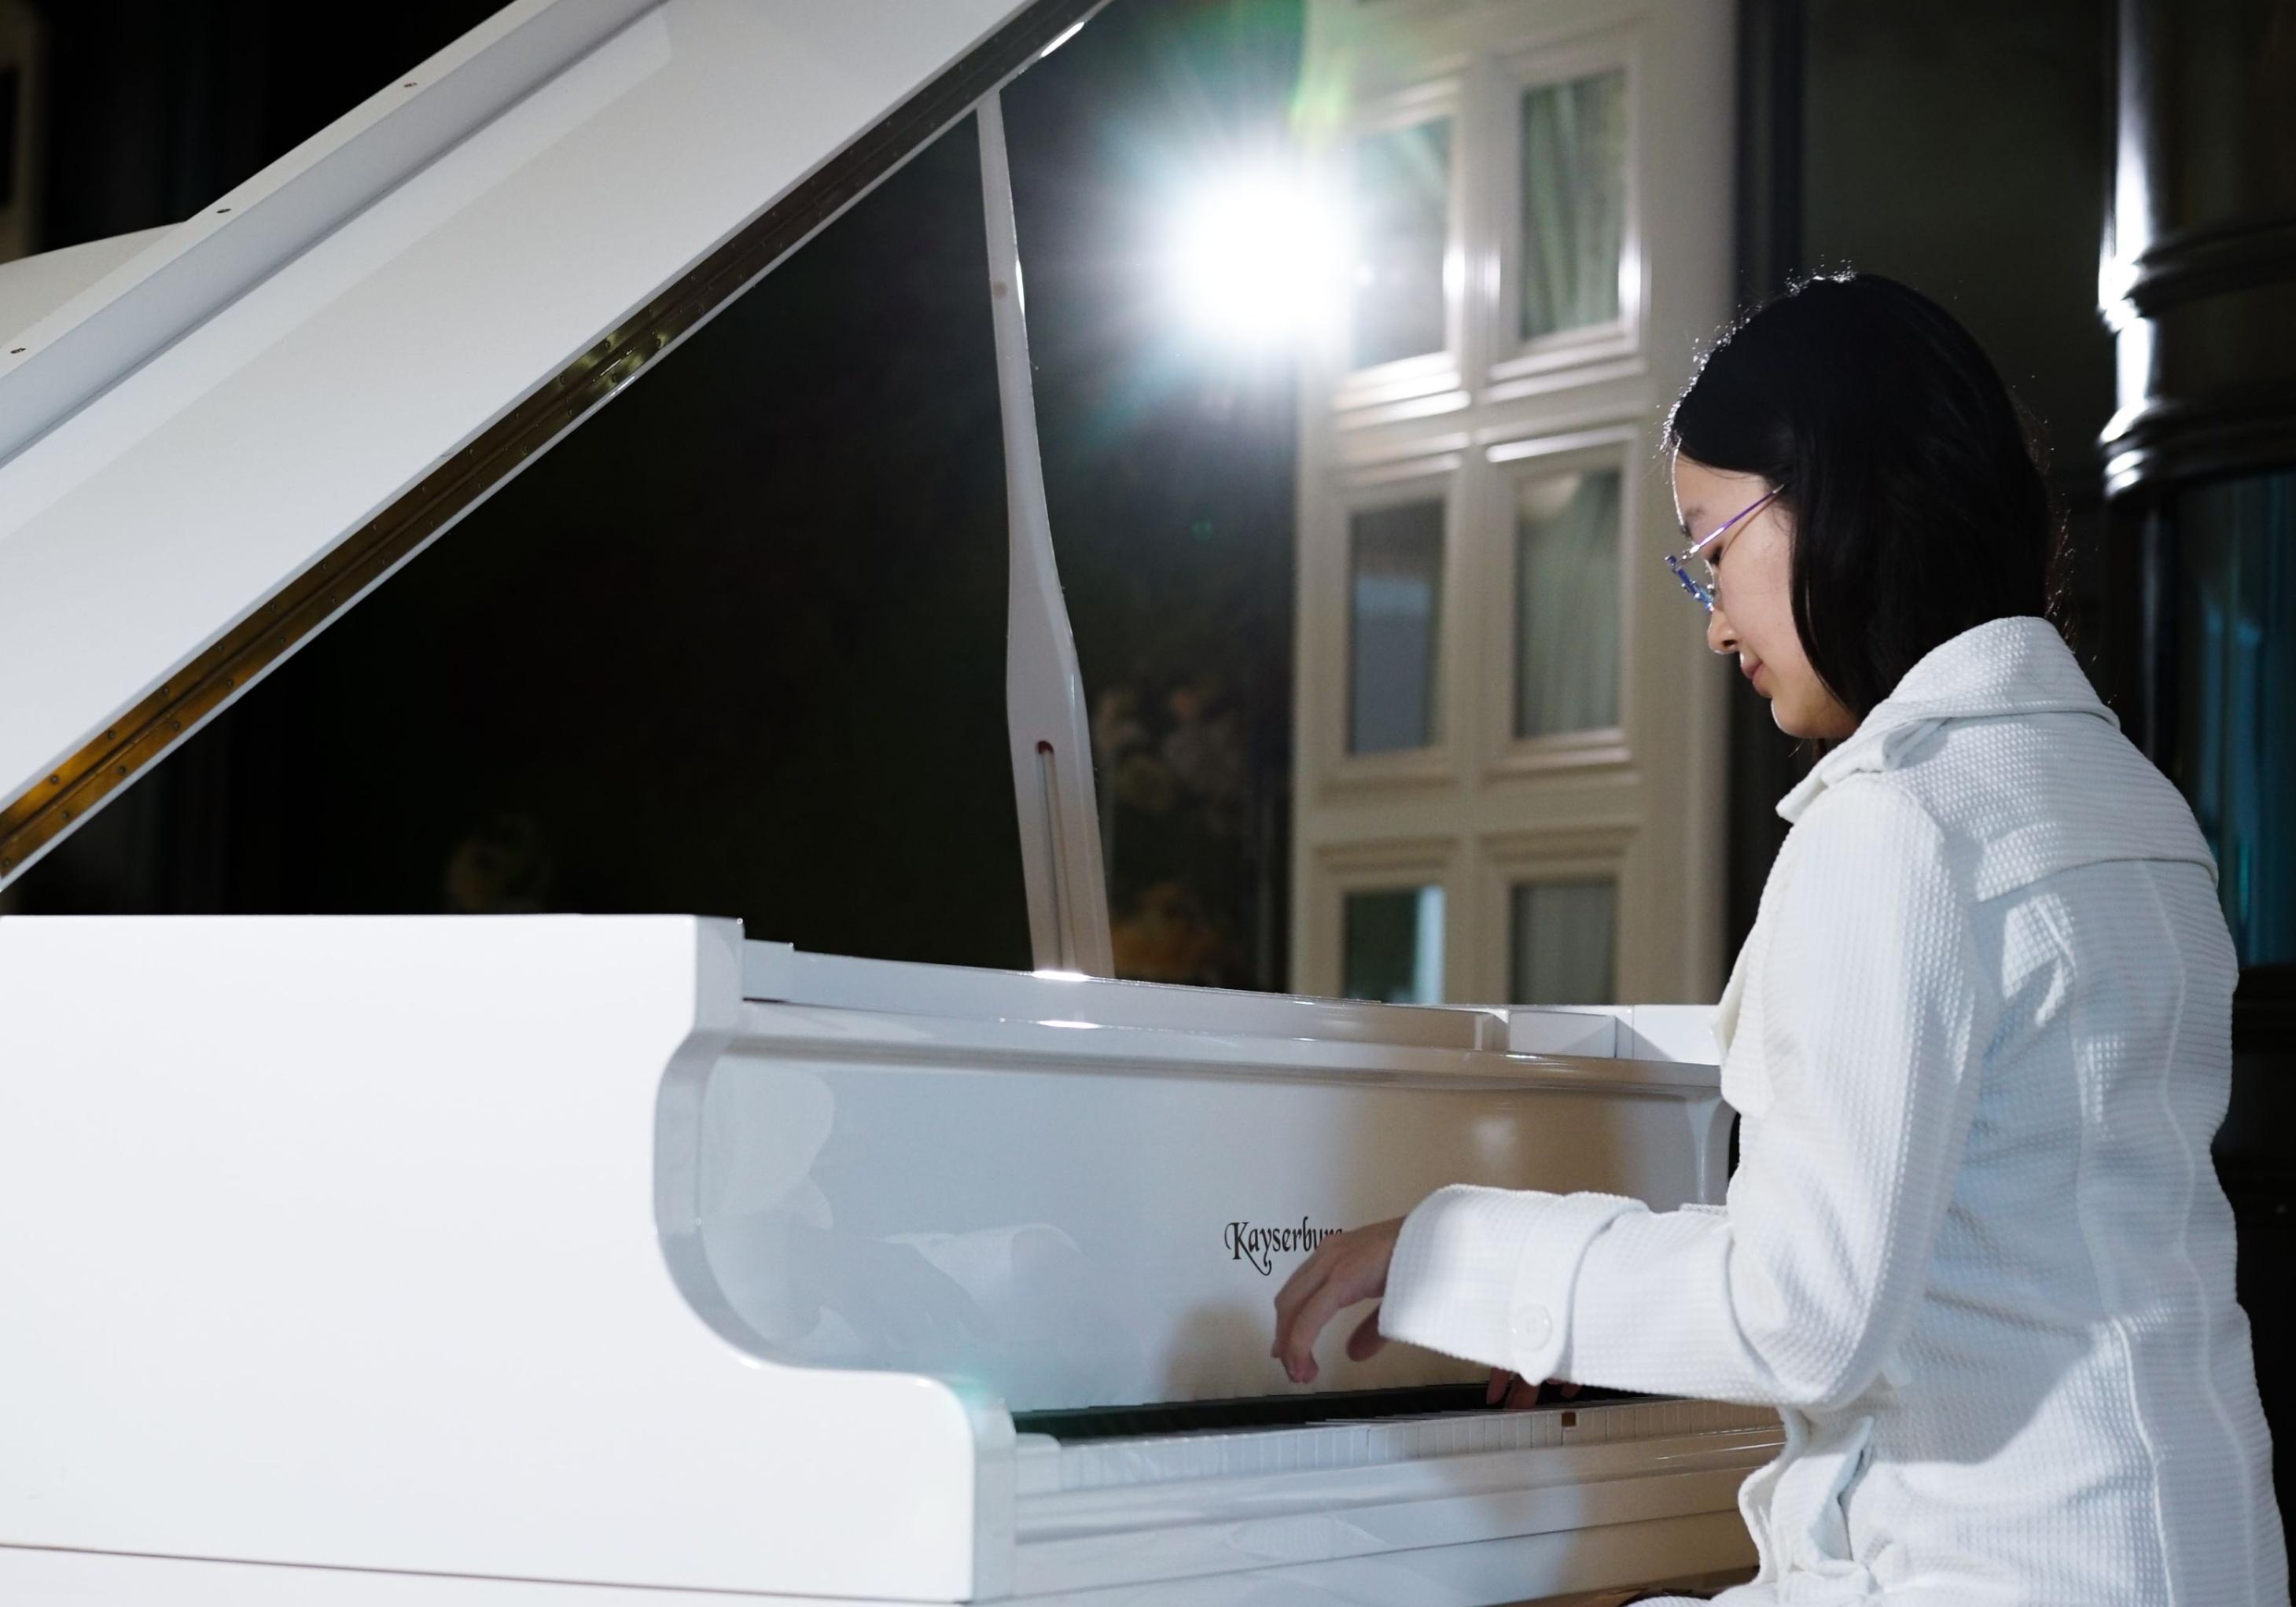 「鋼琴之所以能彈出美妙的旋律,是因為這些音符有自己的規律,就像數據一樣,是有原理在裏面的。作為一個人工智慧的研究員,需要尋找這些模式和原理,就相當於一個鋼琴家在就演奏音樂一樣。」